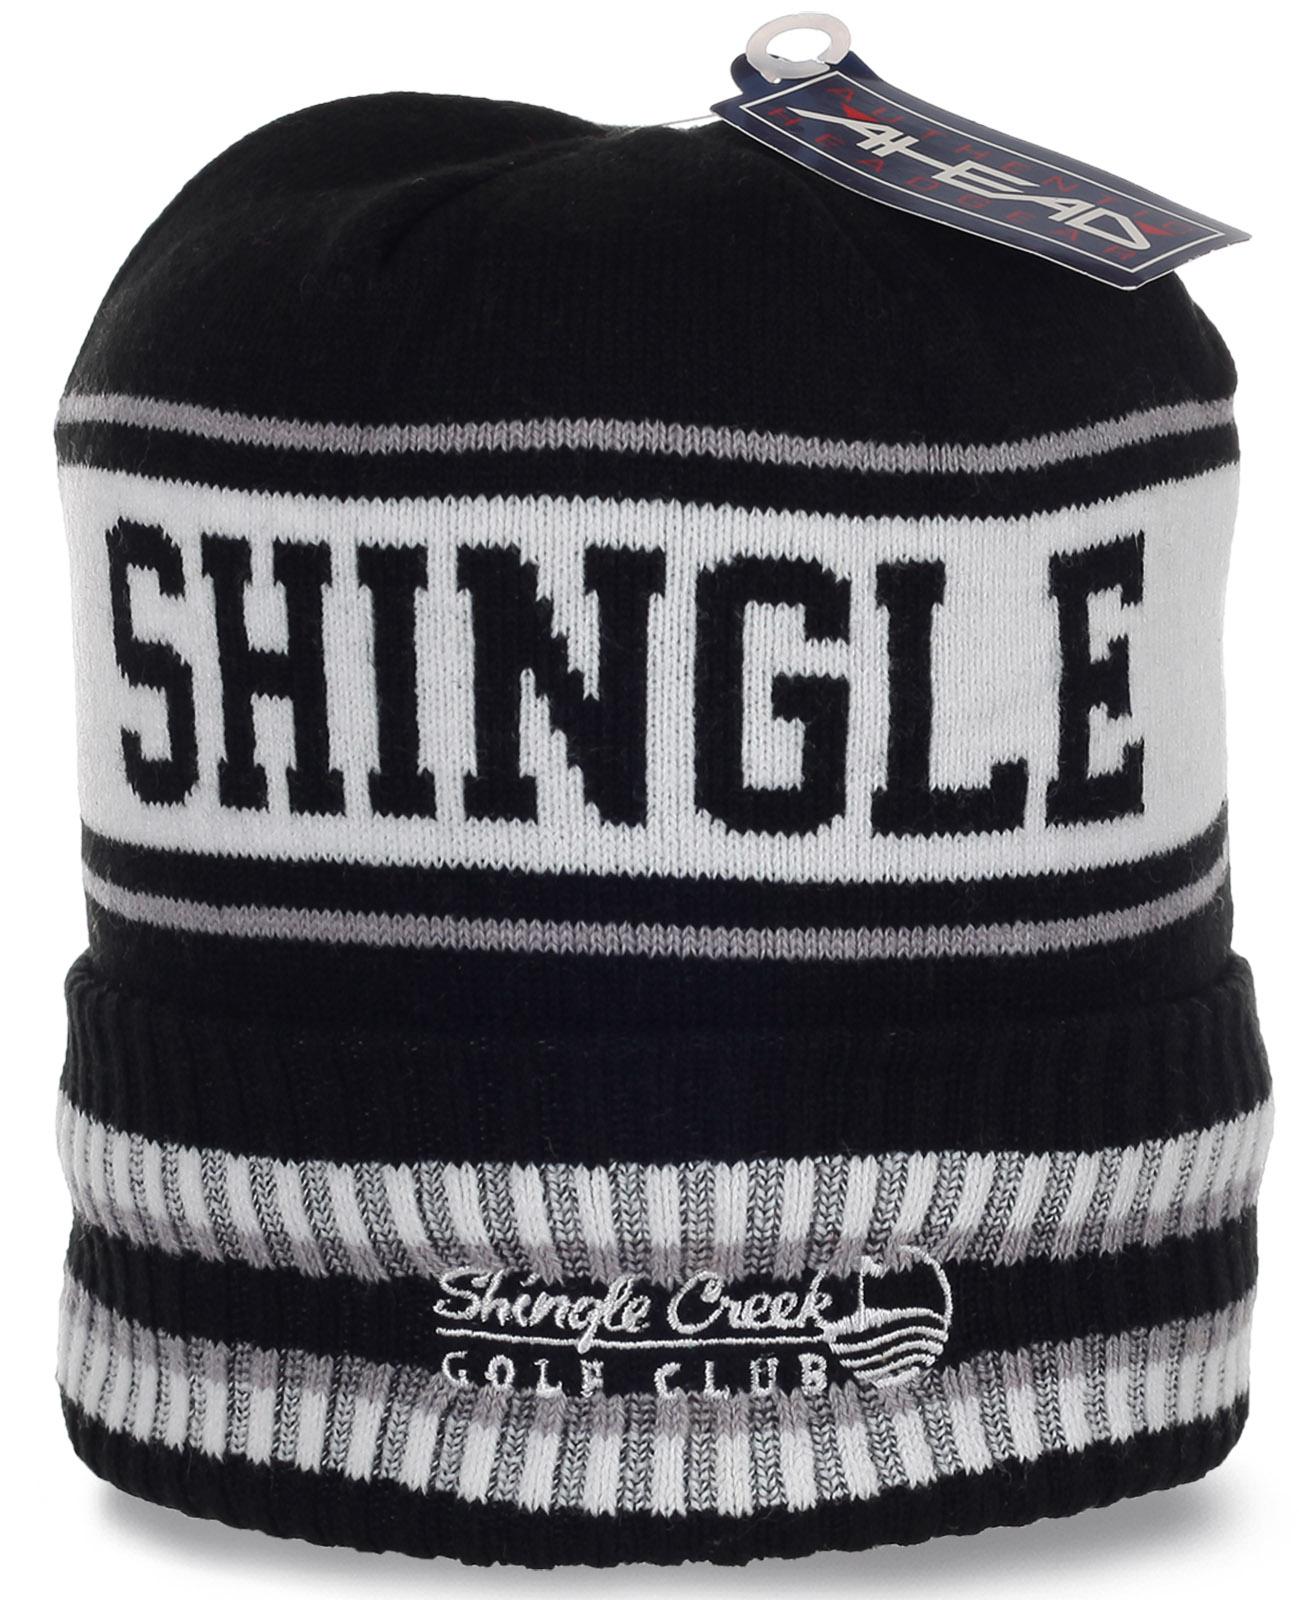 Флисовая шапка с эмблемой гольф-клуба Shingle Creek